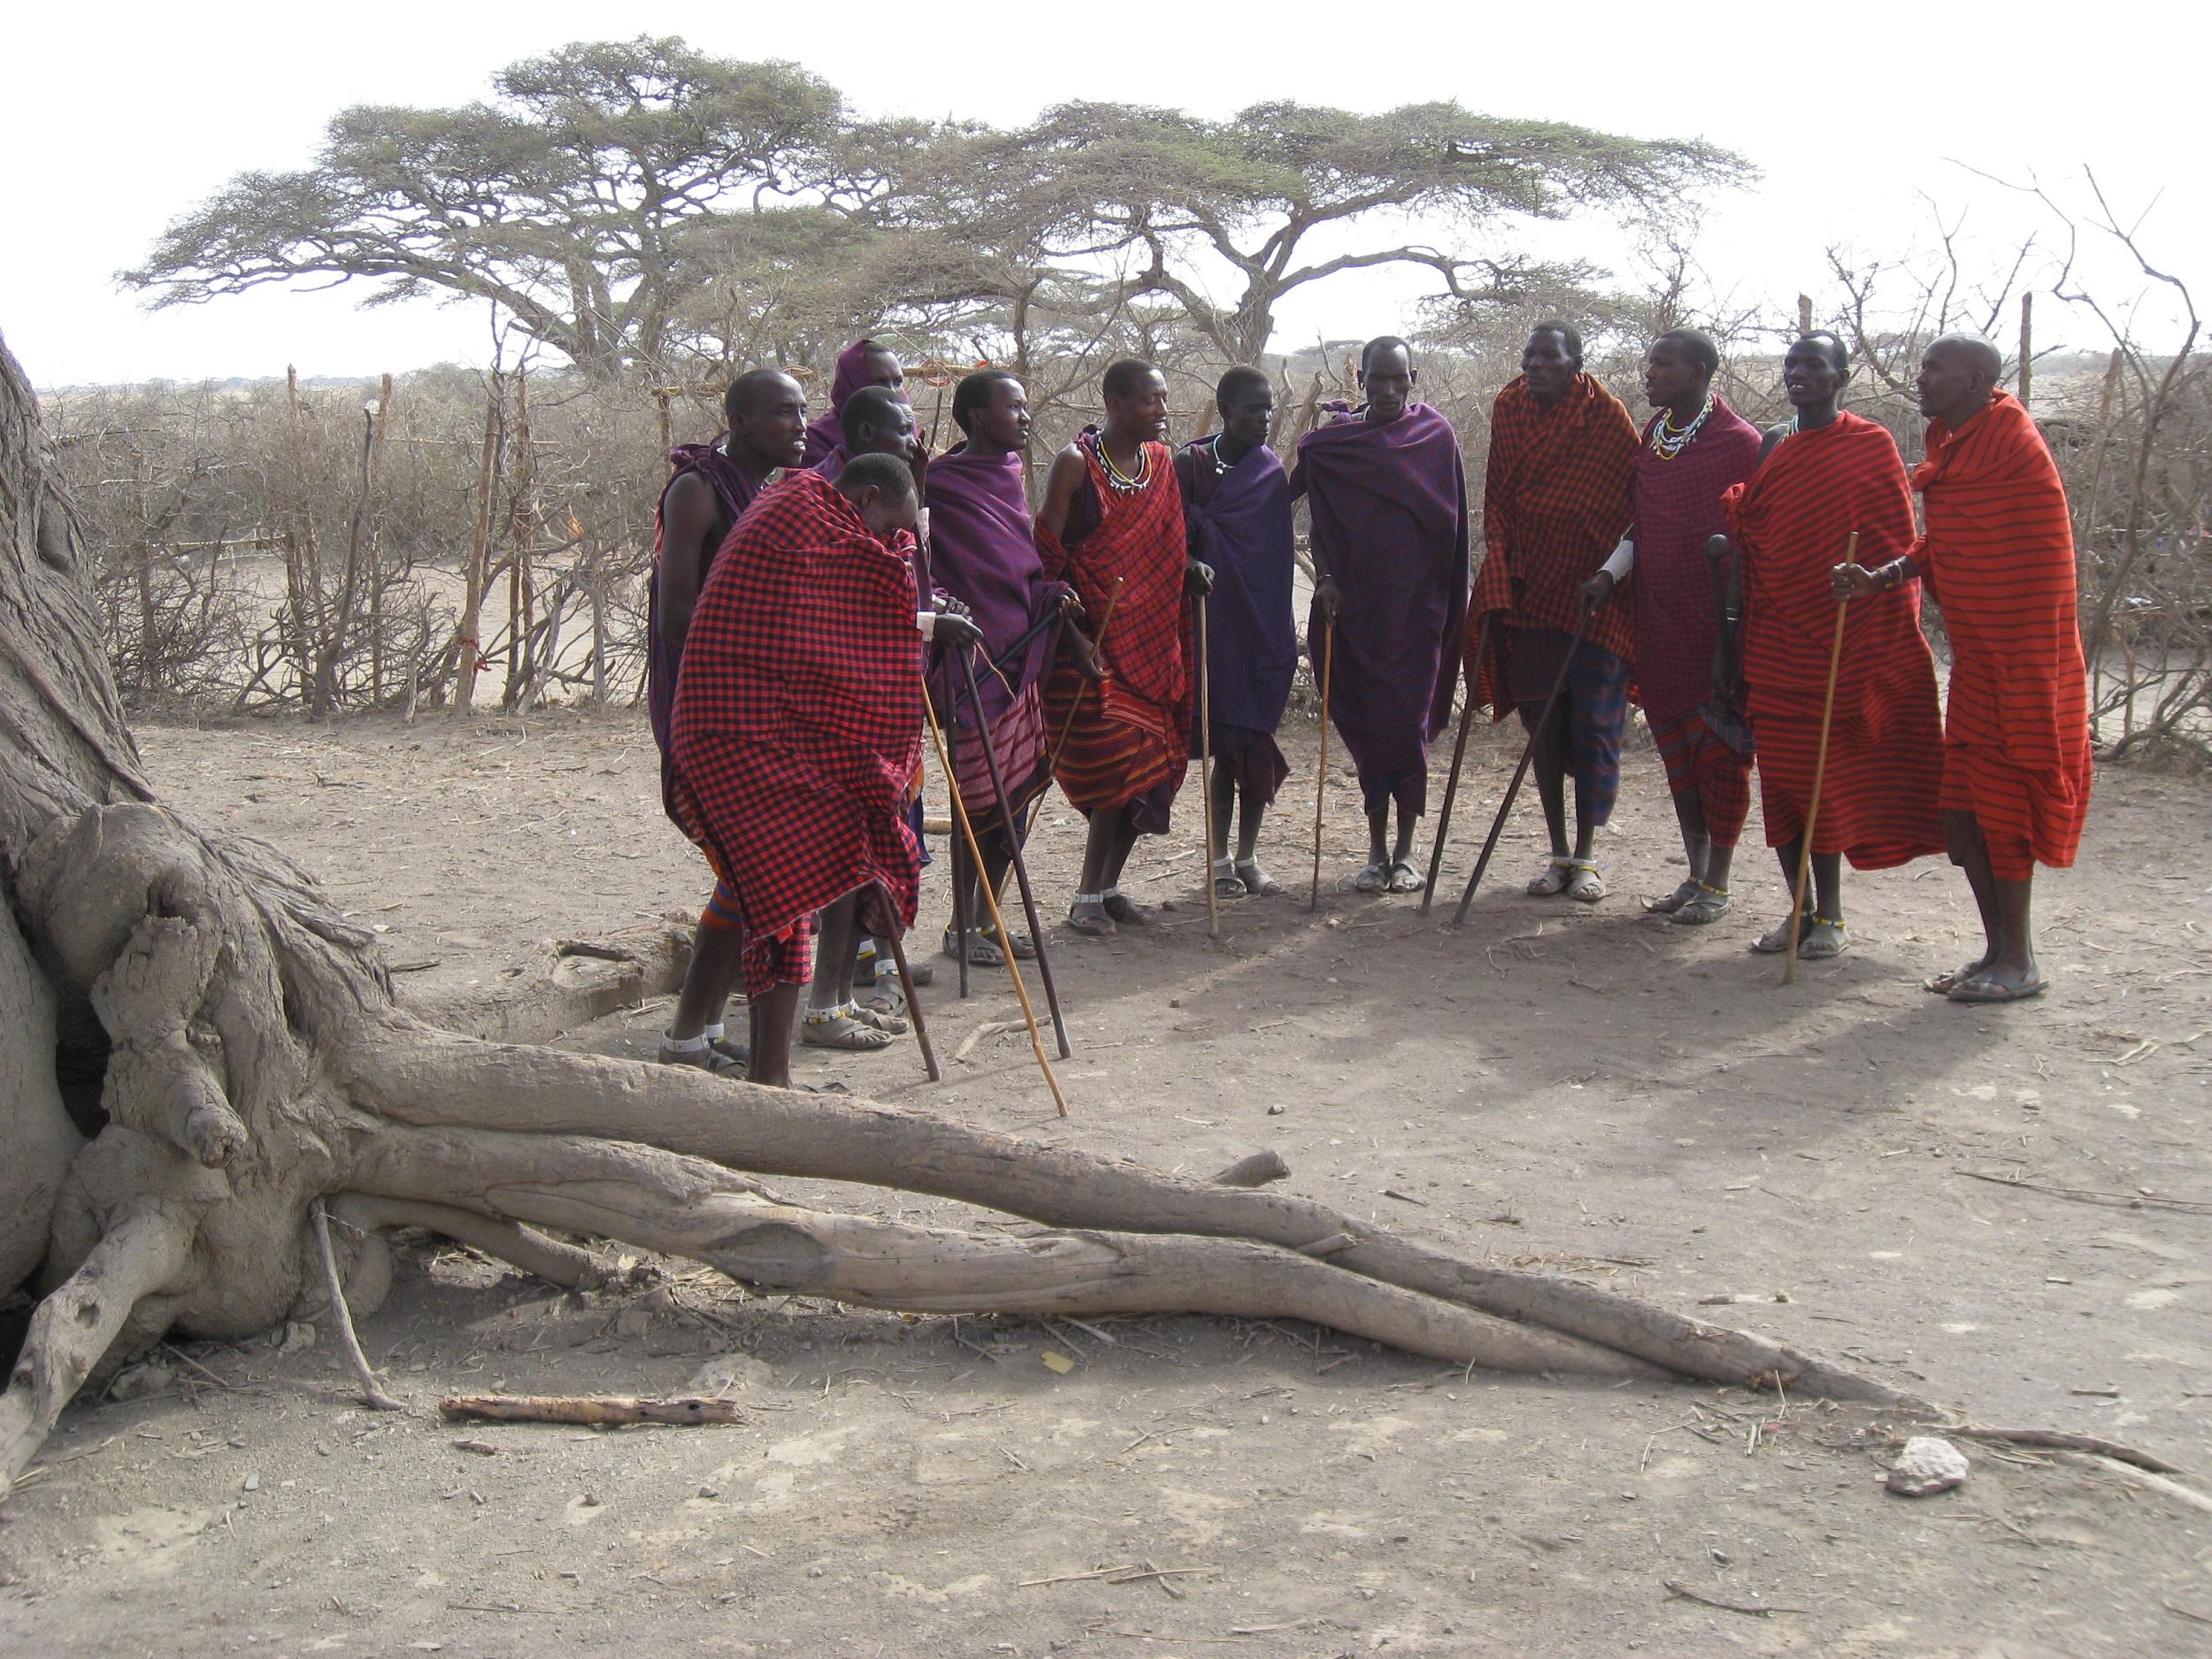 Masai | East Africa & Zanzibar Safari